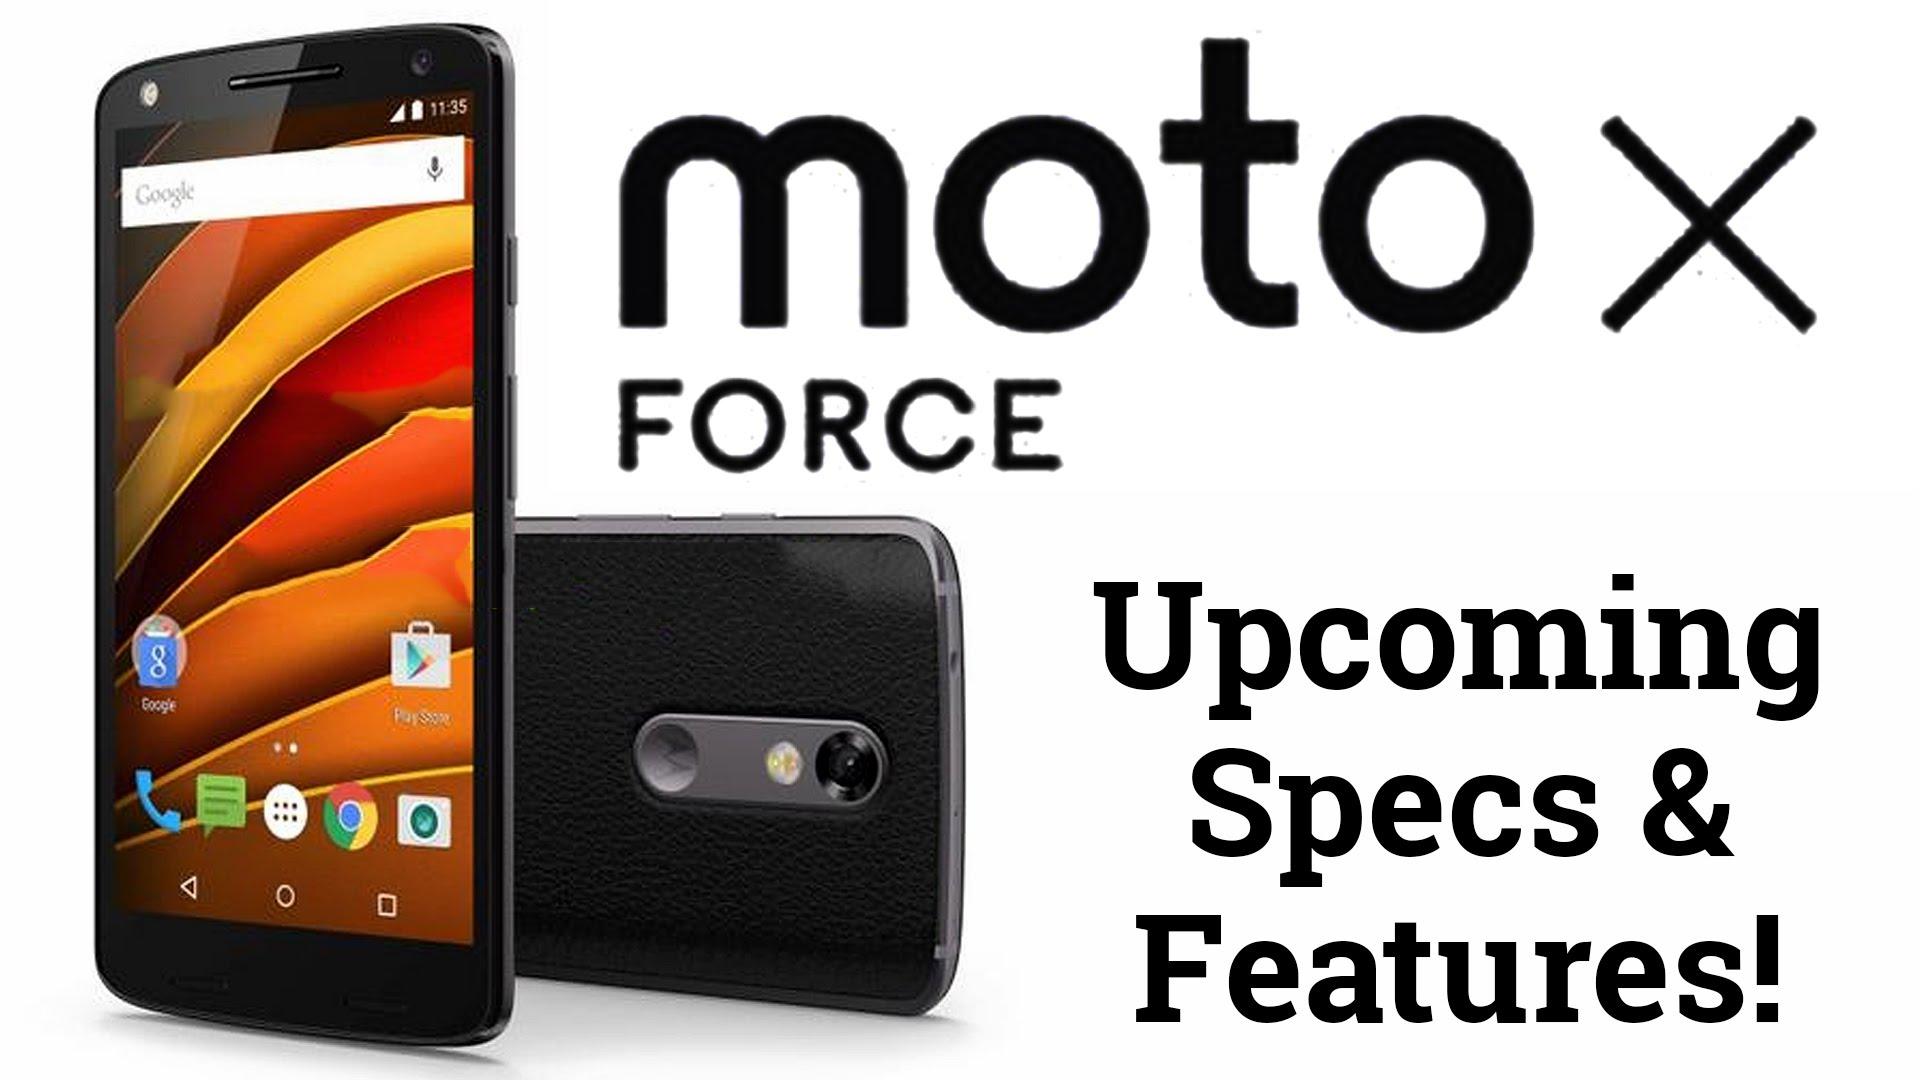 معلومات عن هاتف موتو إكس فورس Moto X Force غير قابل للكسر